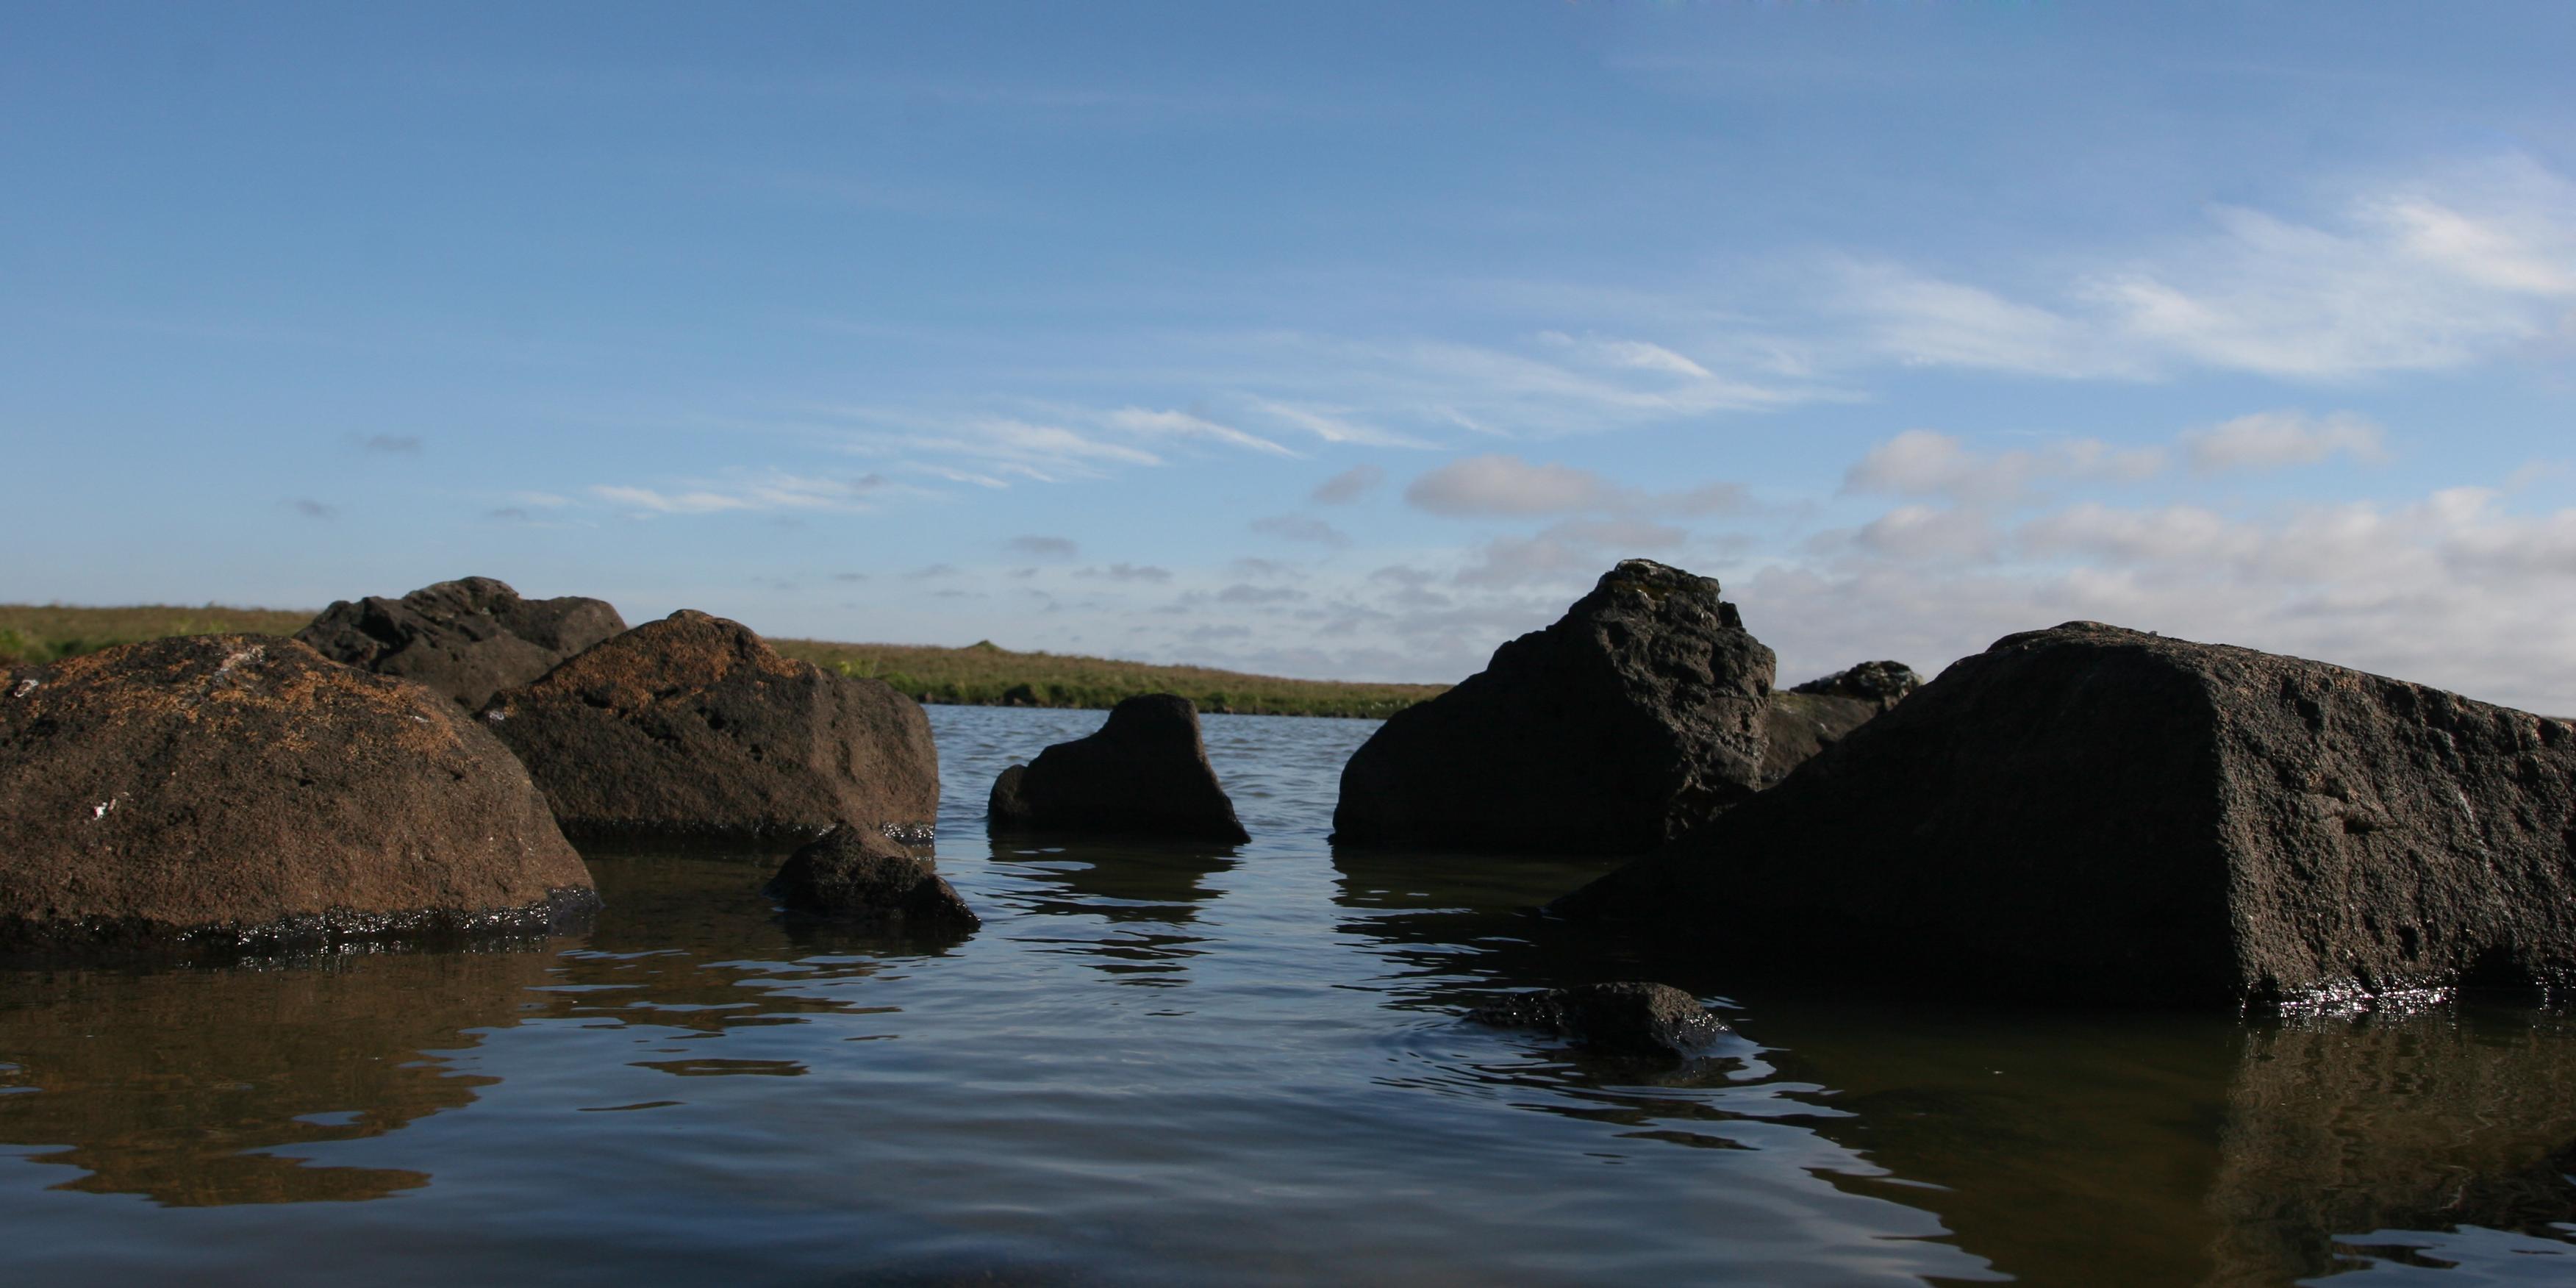 Icelandic Landscape, Bspo07, Castout, Clouds, Iceland, HQ Photo